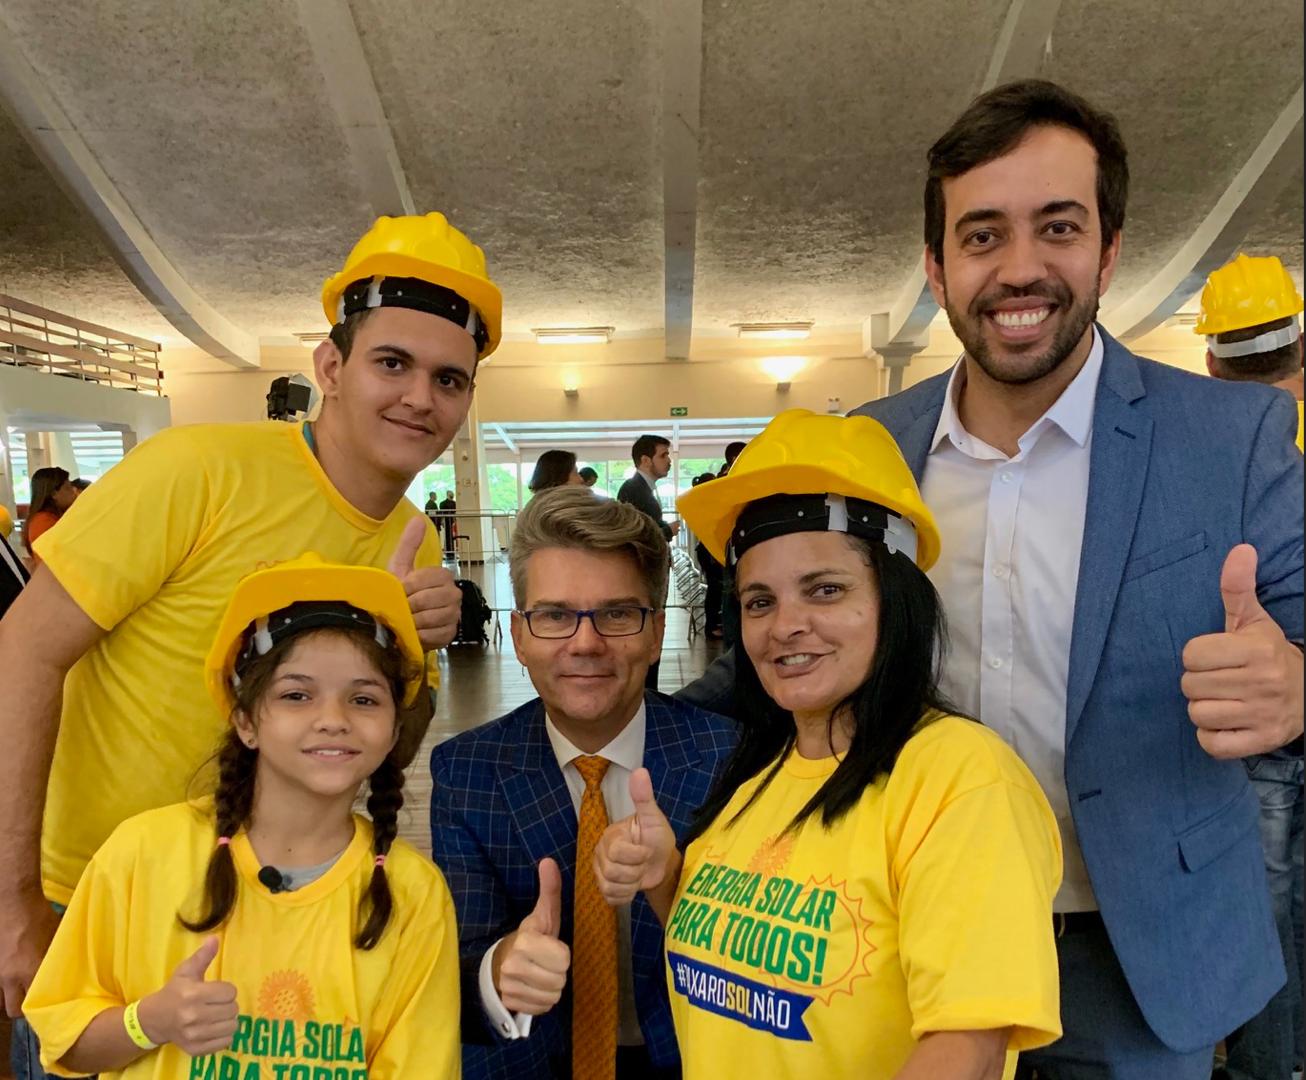 November 2019 - Brasilia & Sao Paulo, Brazil